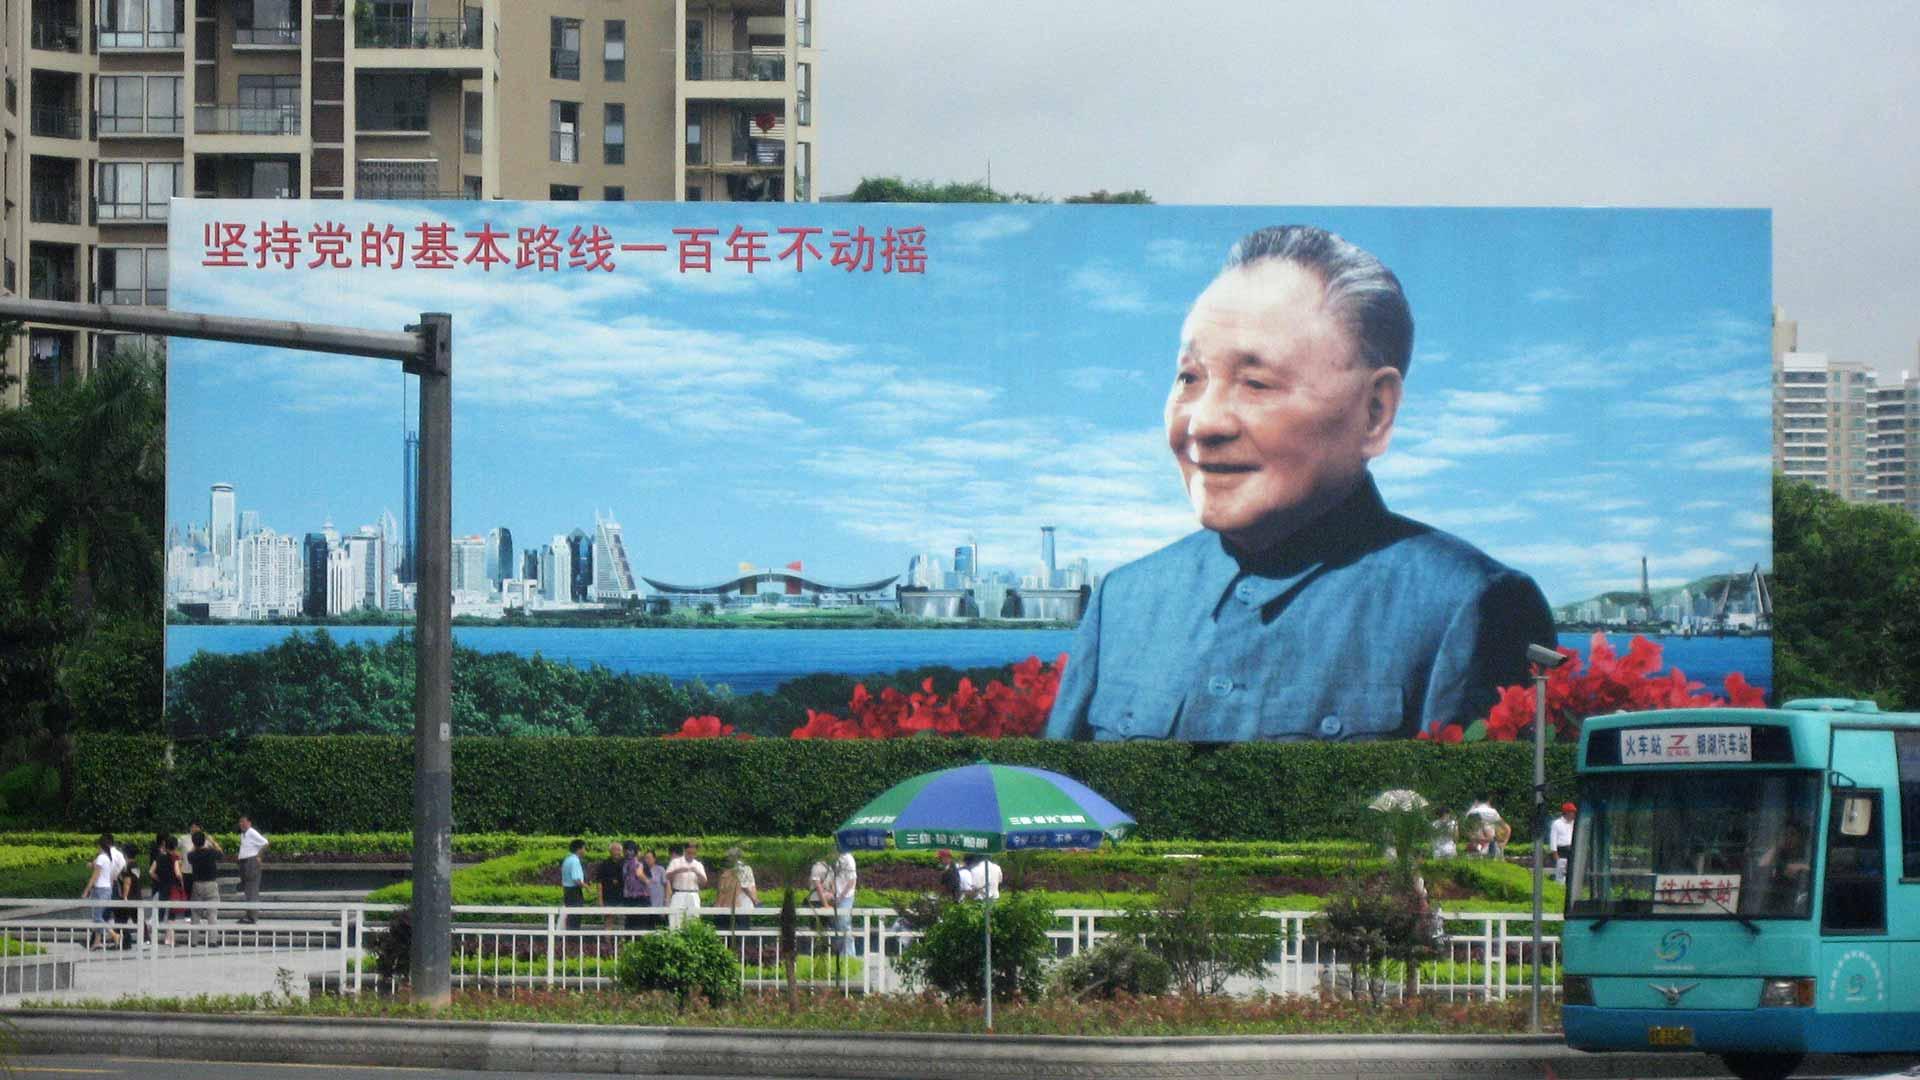 Deng Xiaoping billboard in Shenzhen